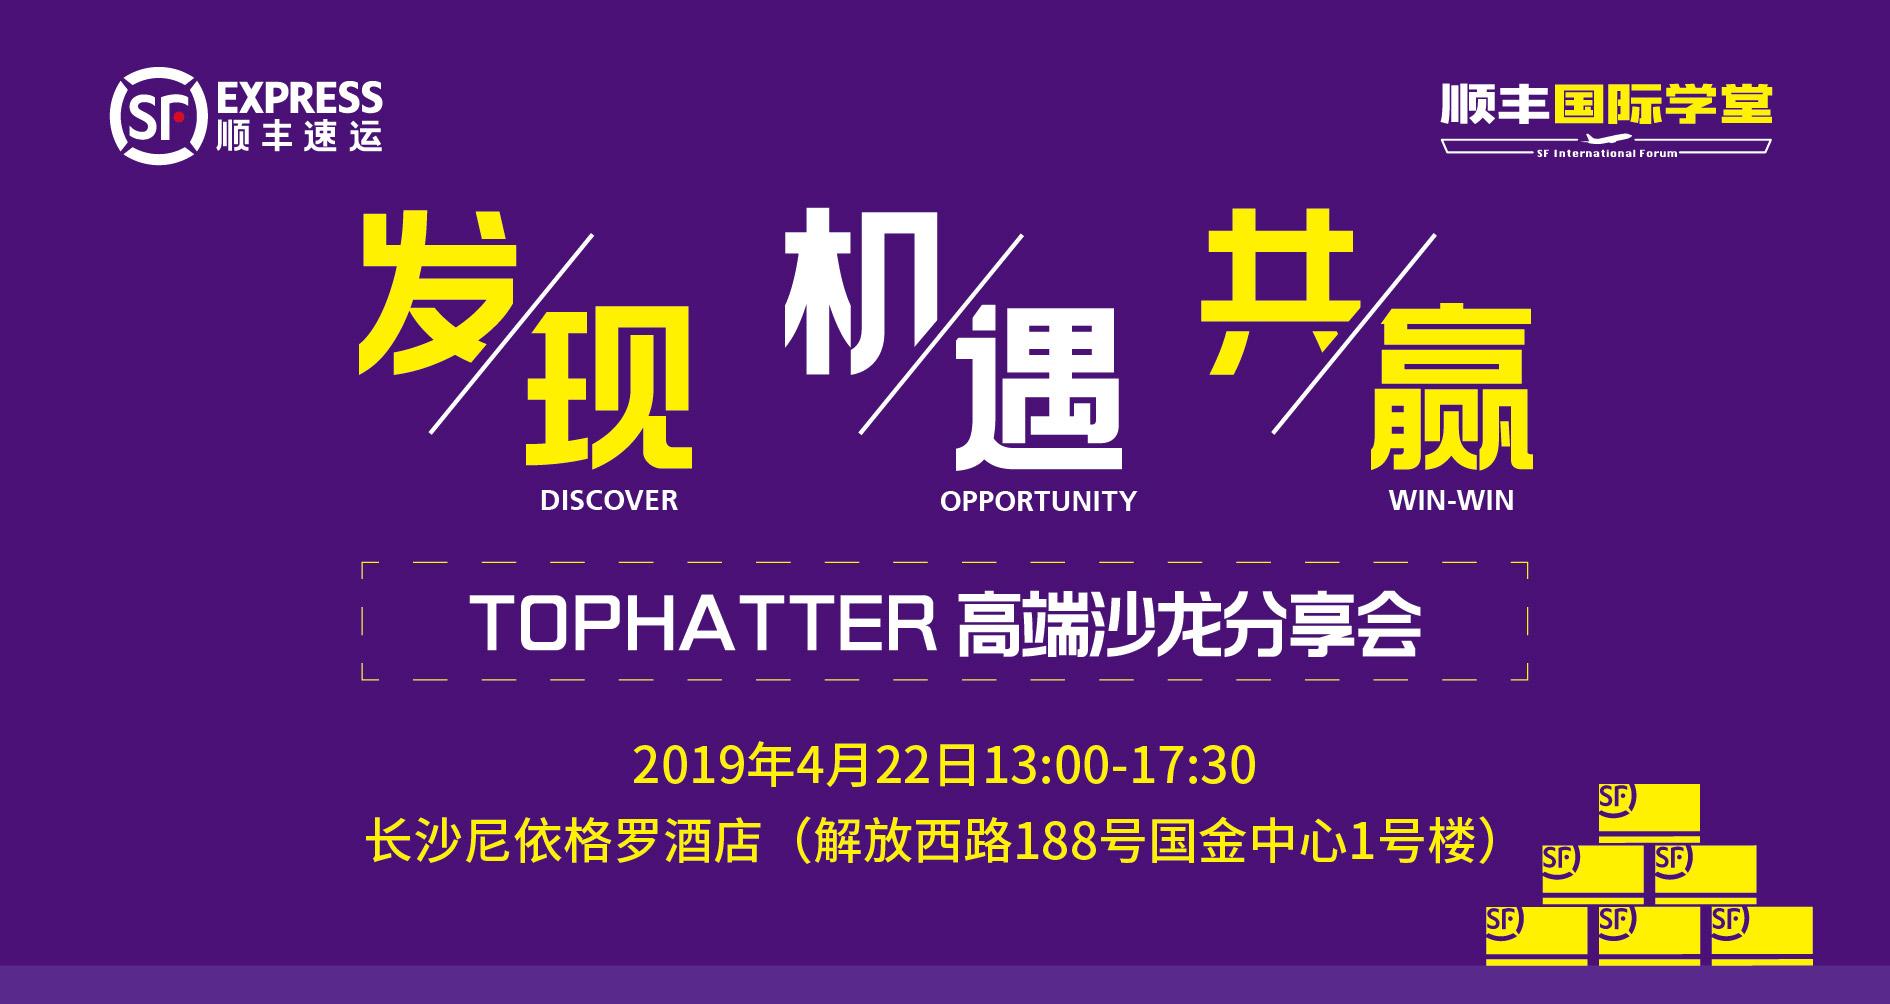 发现 机遇 共赢-TOPHATTER高端沙龙分享会